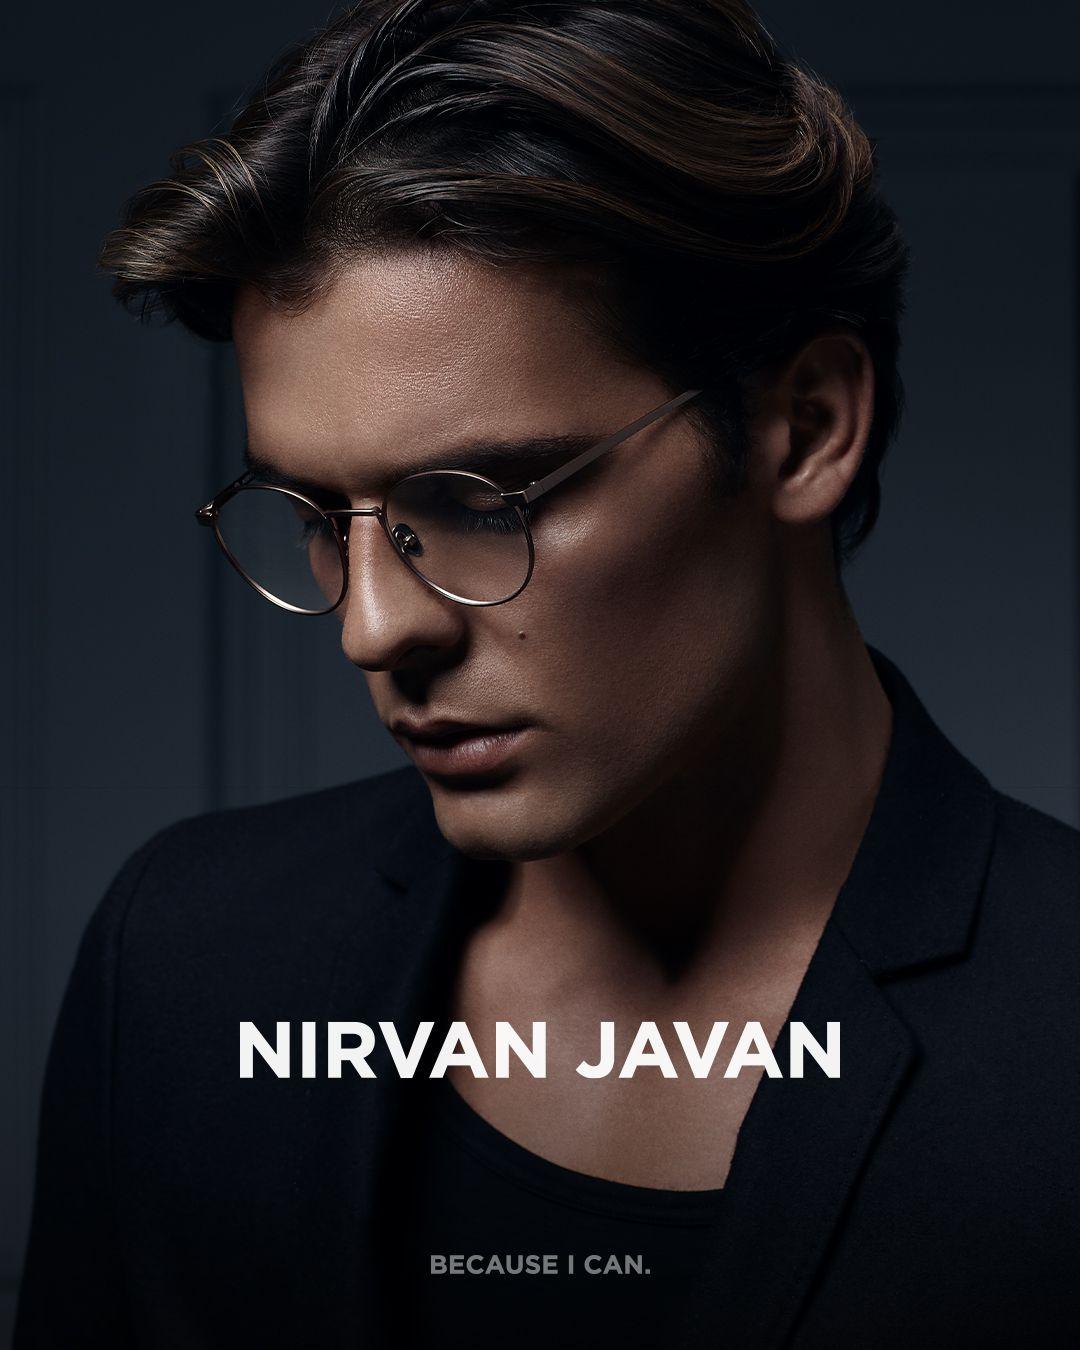 NIRVAN JAVAN - EYEWEAR #NIRVANJAVAN #EYEWEAR #GLASSES #